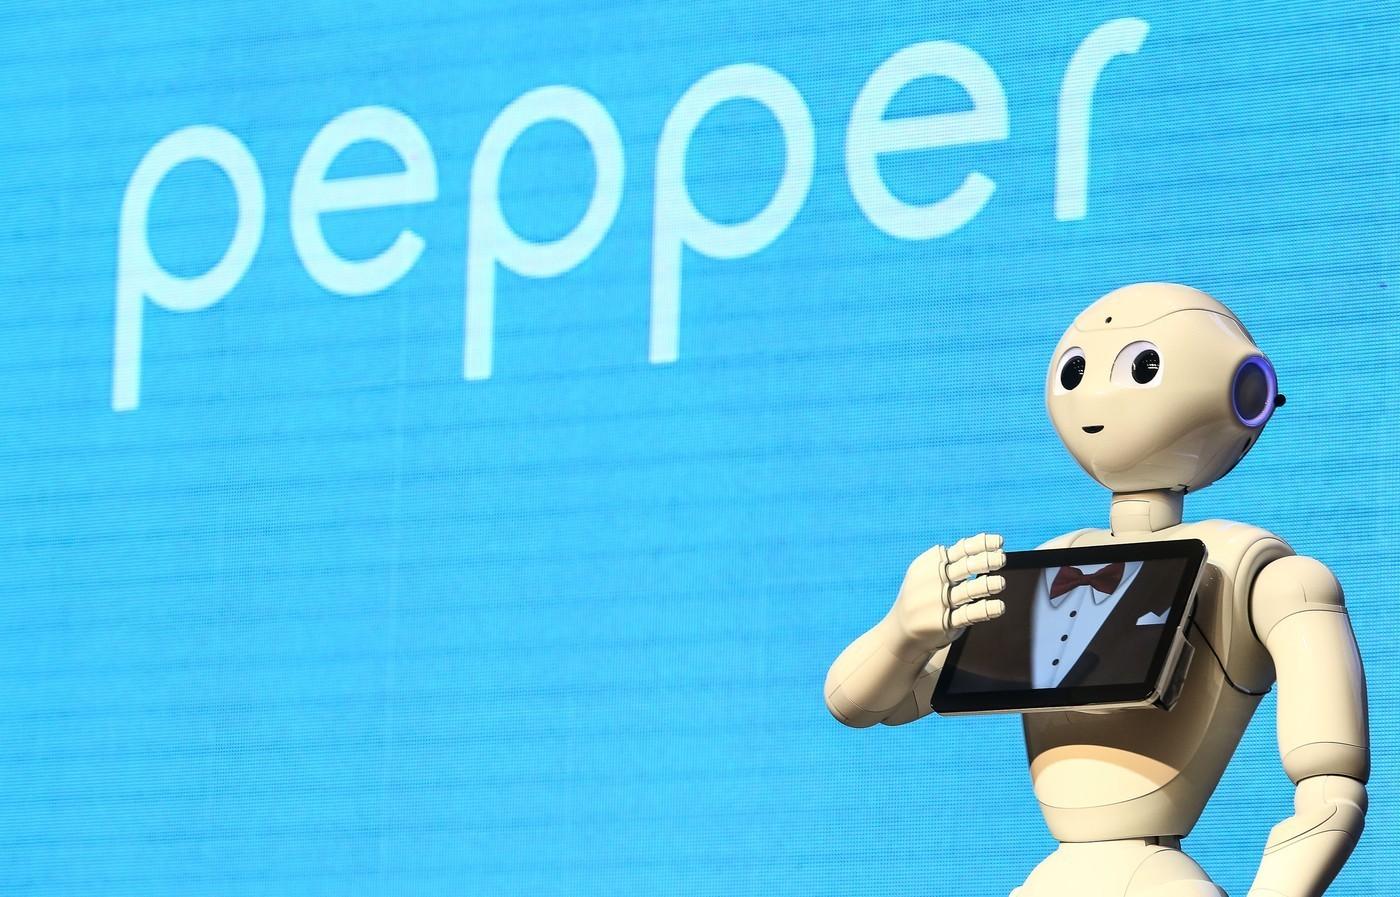 吸睛又吸金!「機器人」成基金市場新寵